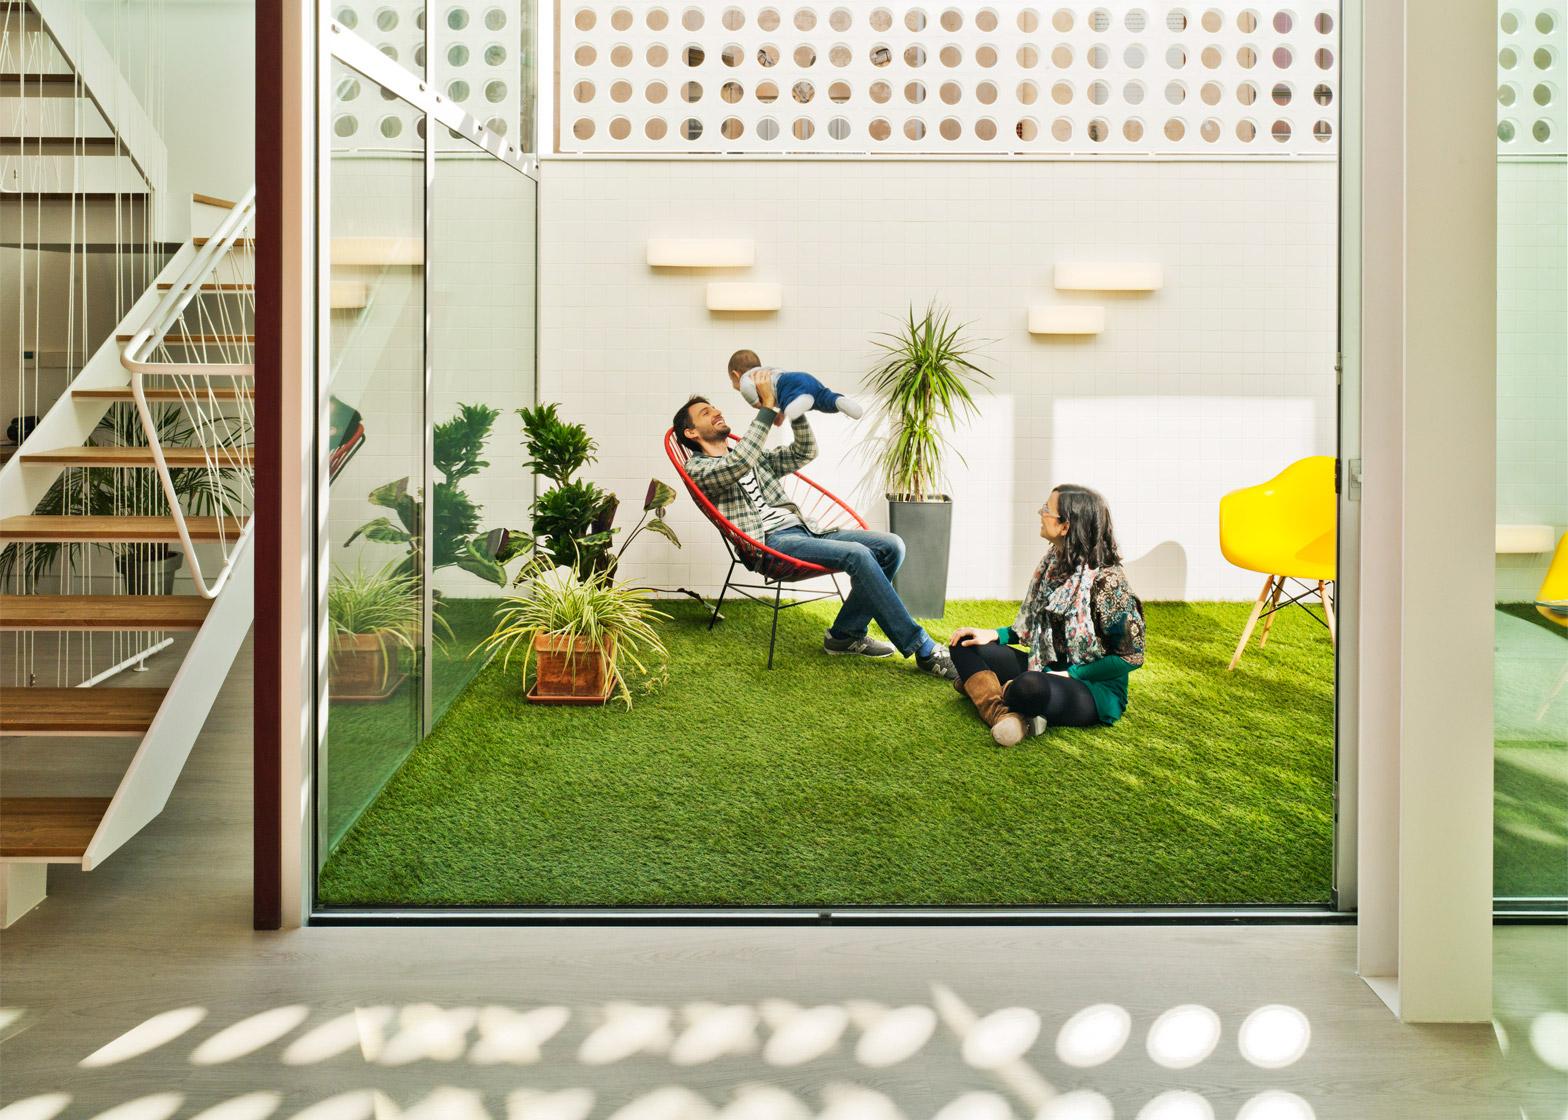 House F&M in Spain is designed by Luis Navarro Jover and Carlos Sánchez García